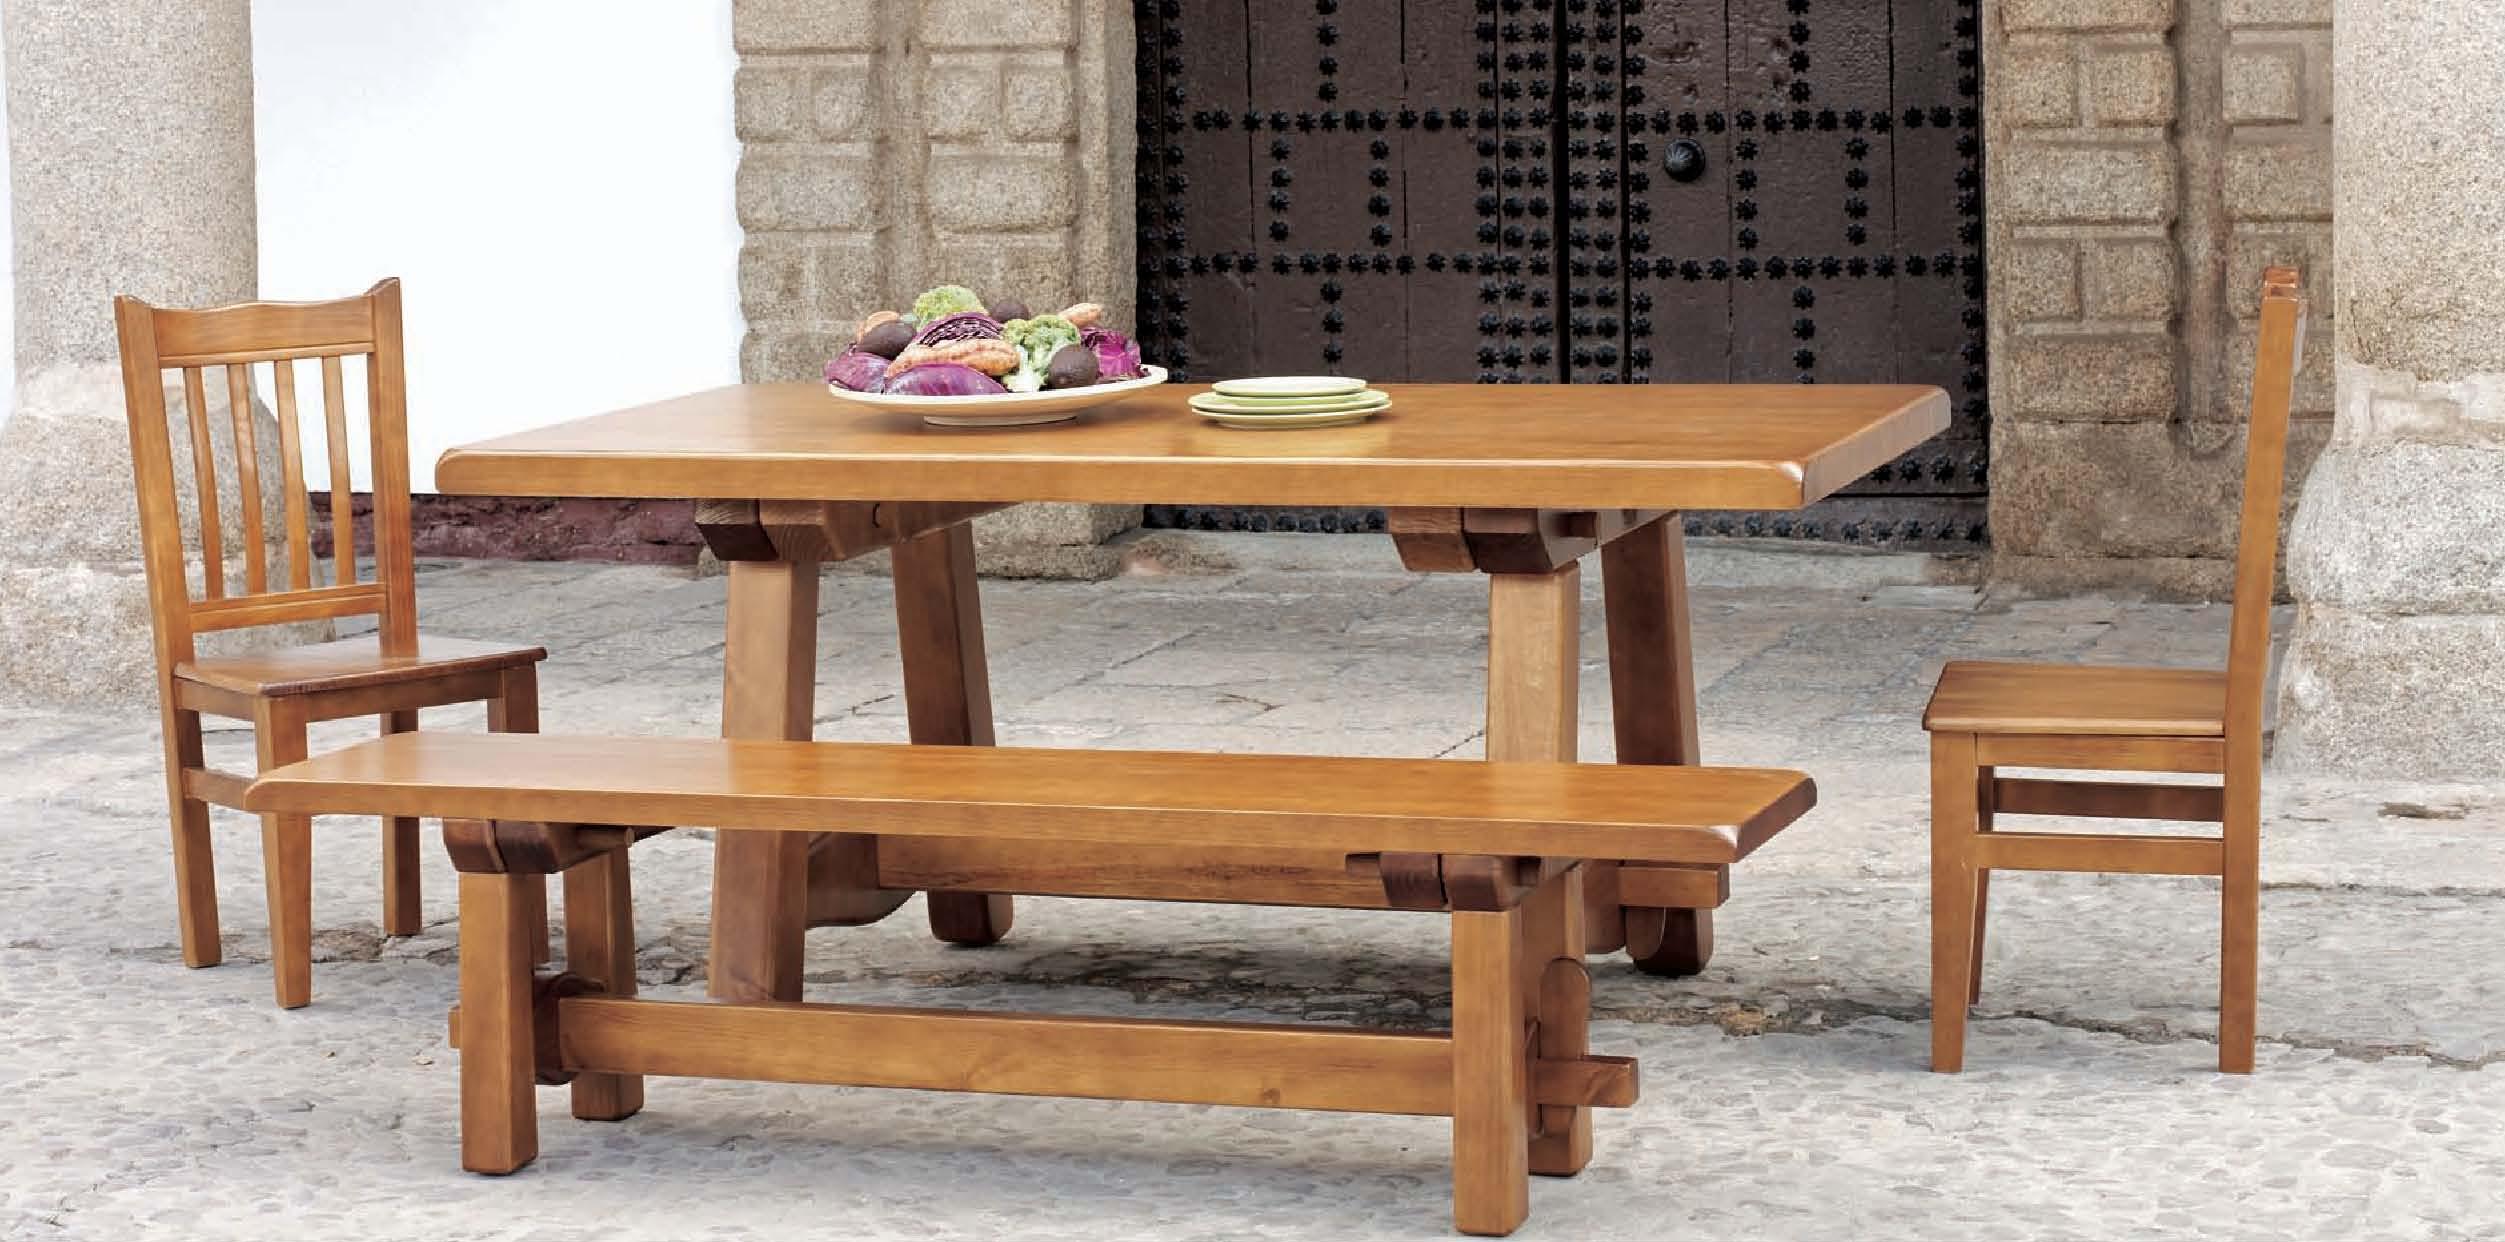 Sillas Rusticas De Madera Para Comedor | Oferta De Mueble Online ...